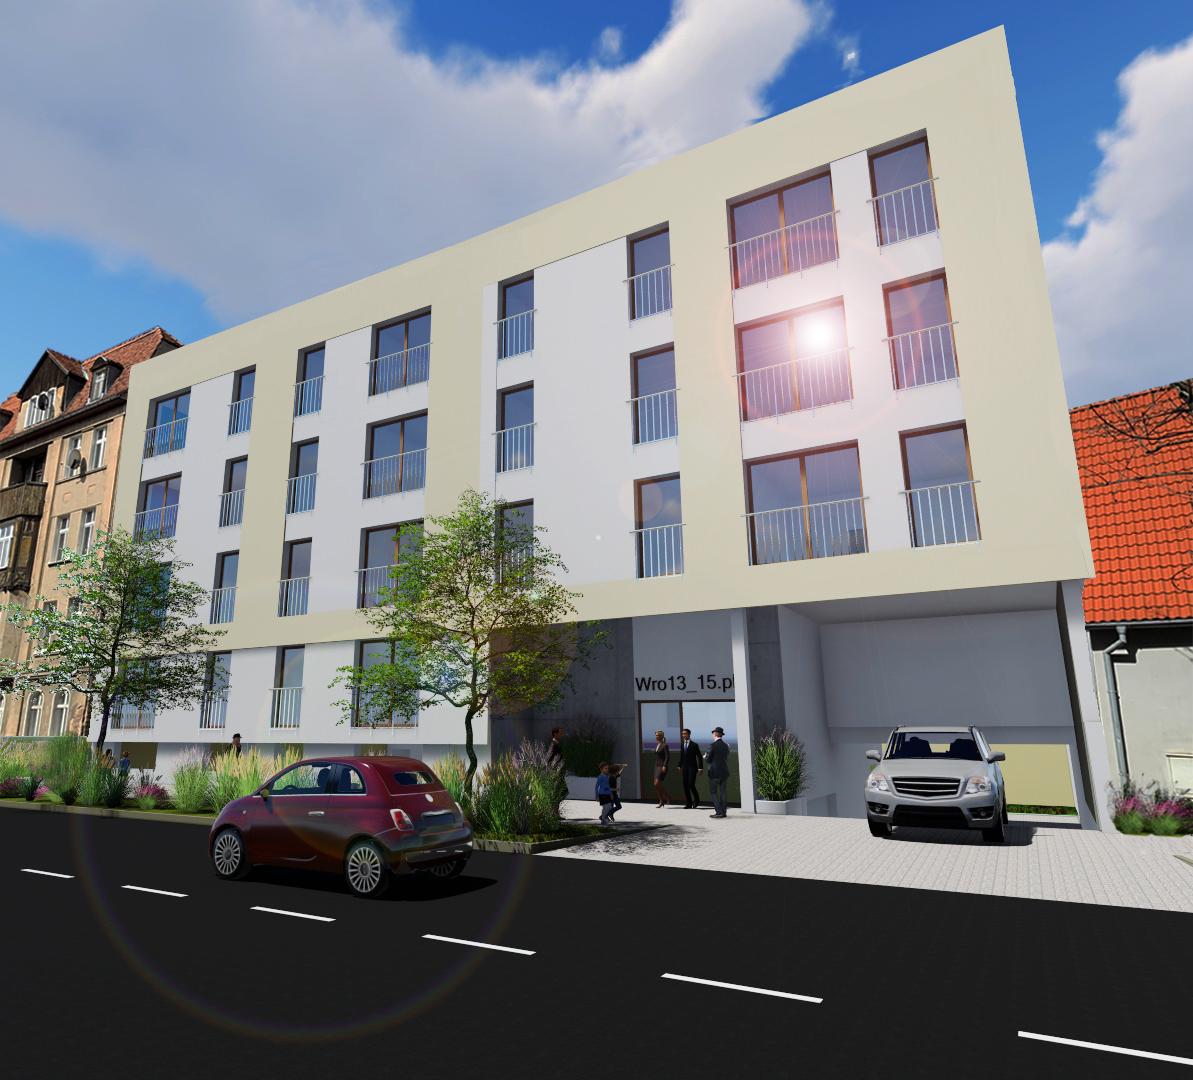 Wrocławska 15 nowe mieszkanie 33,85 m2